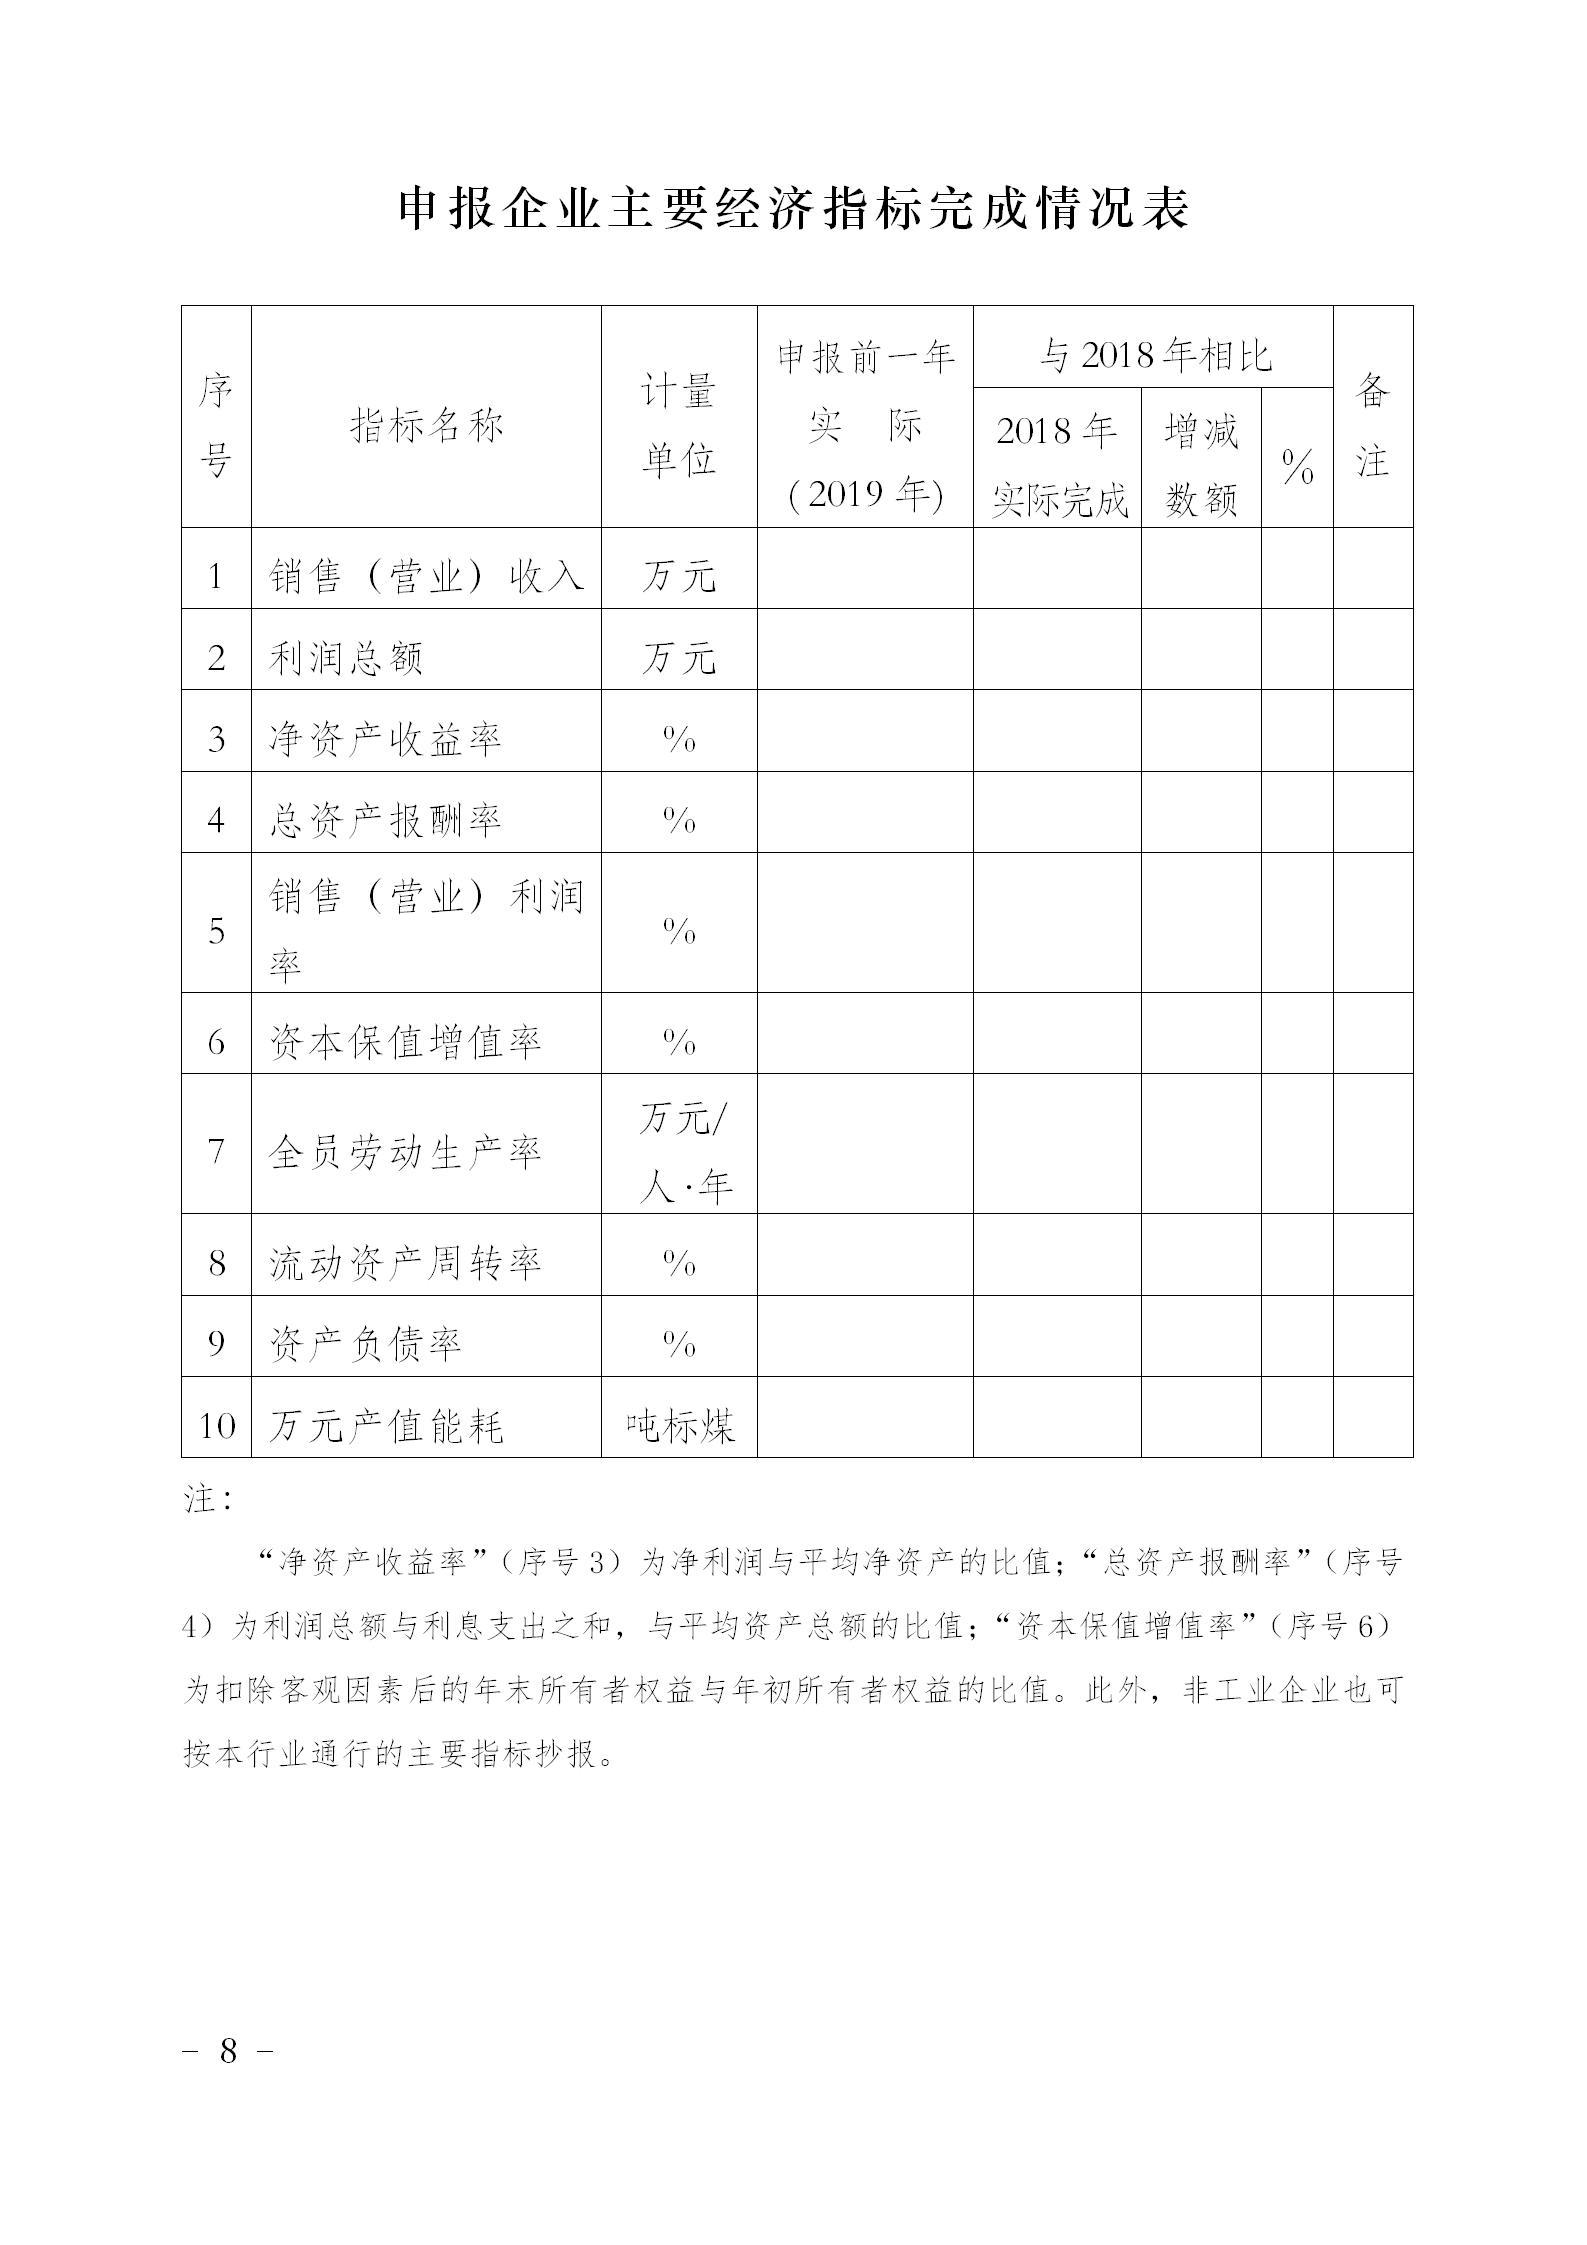 2020年杭州市企业管理现代化创新成果_08.jpg